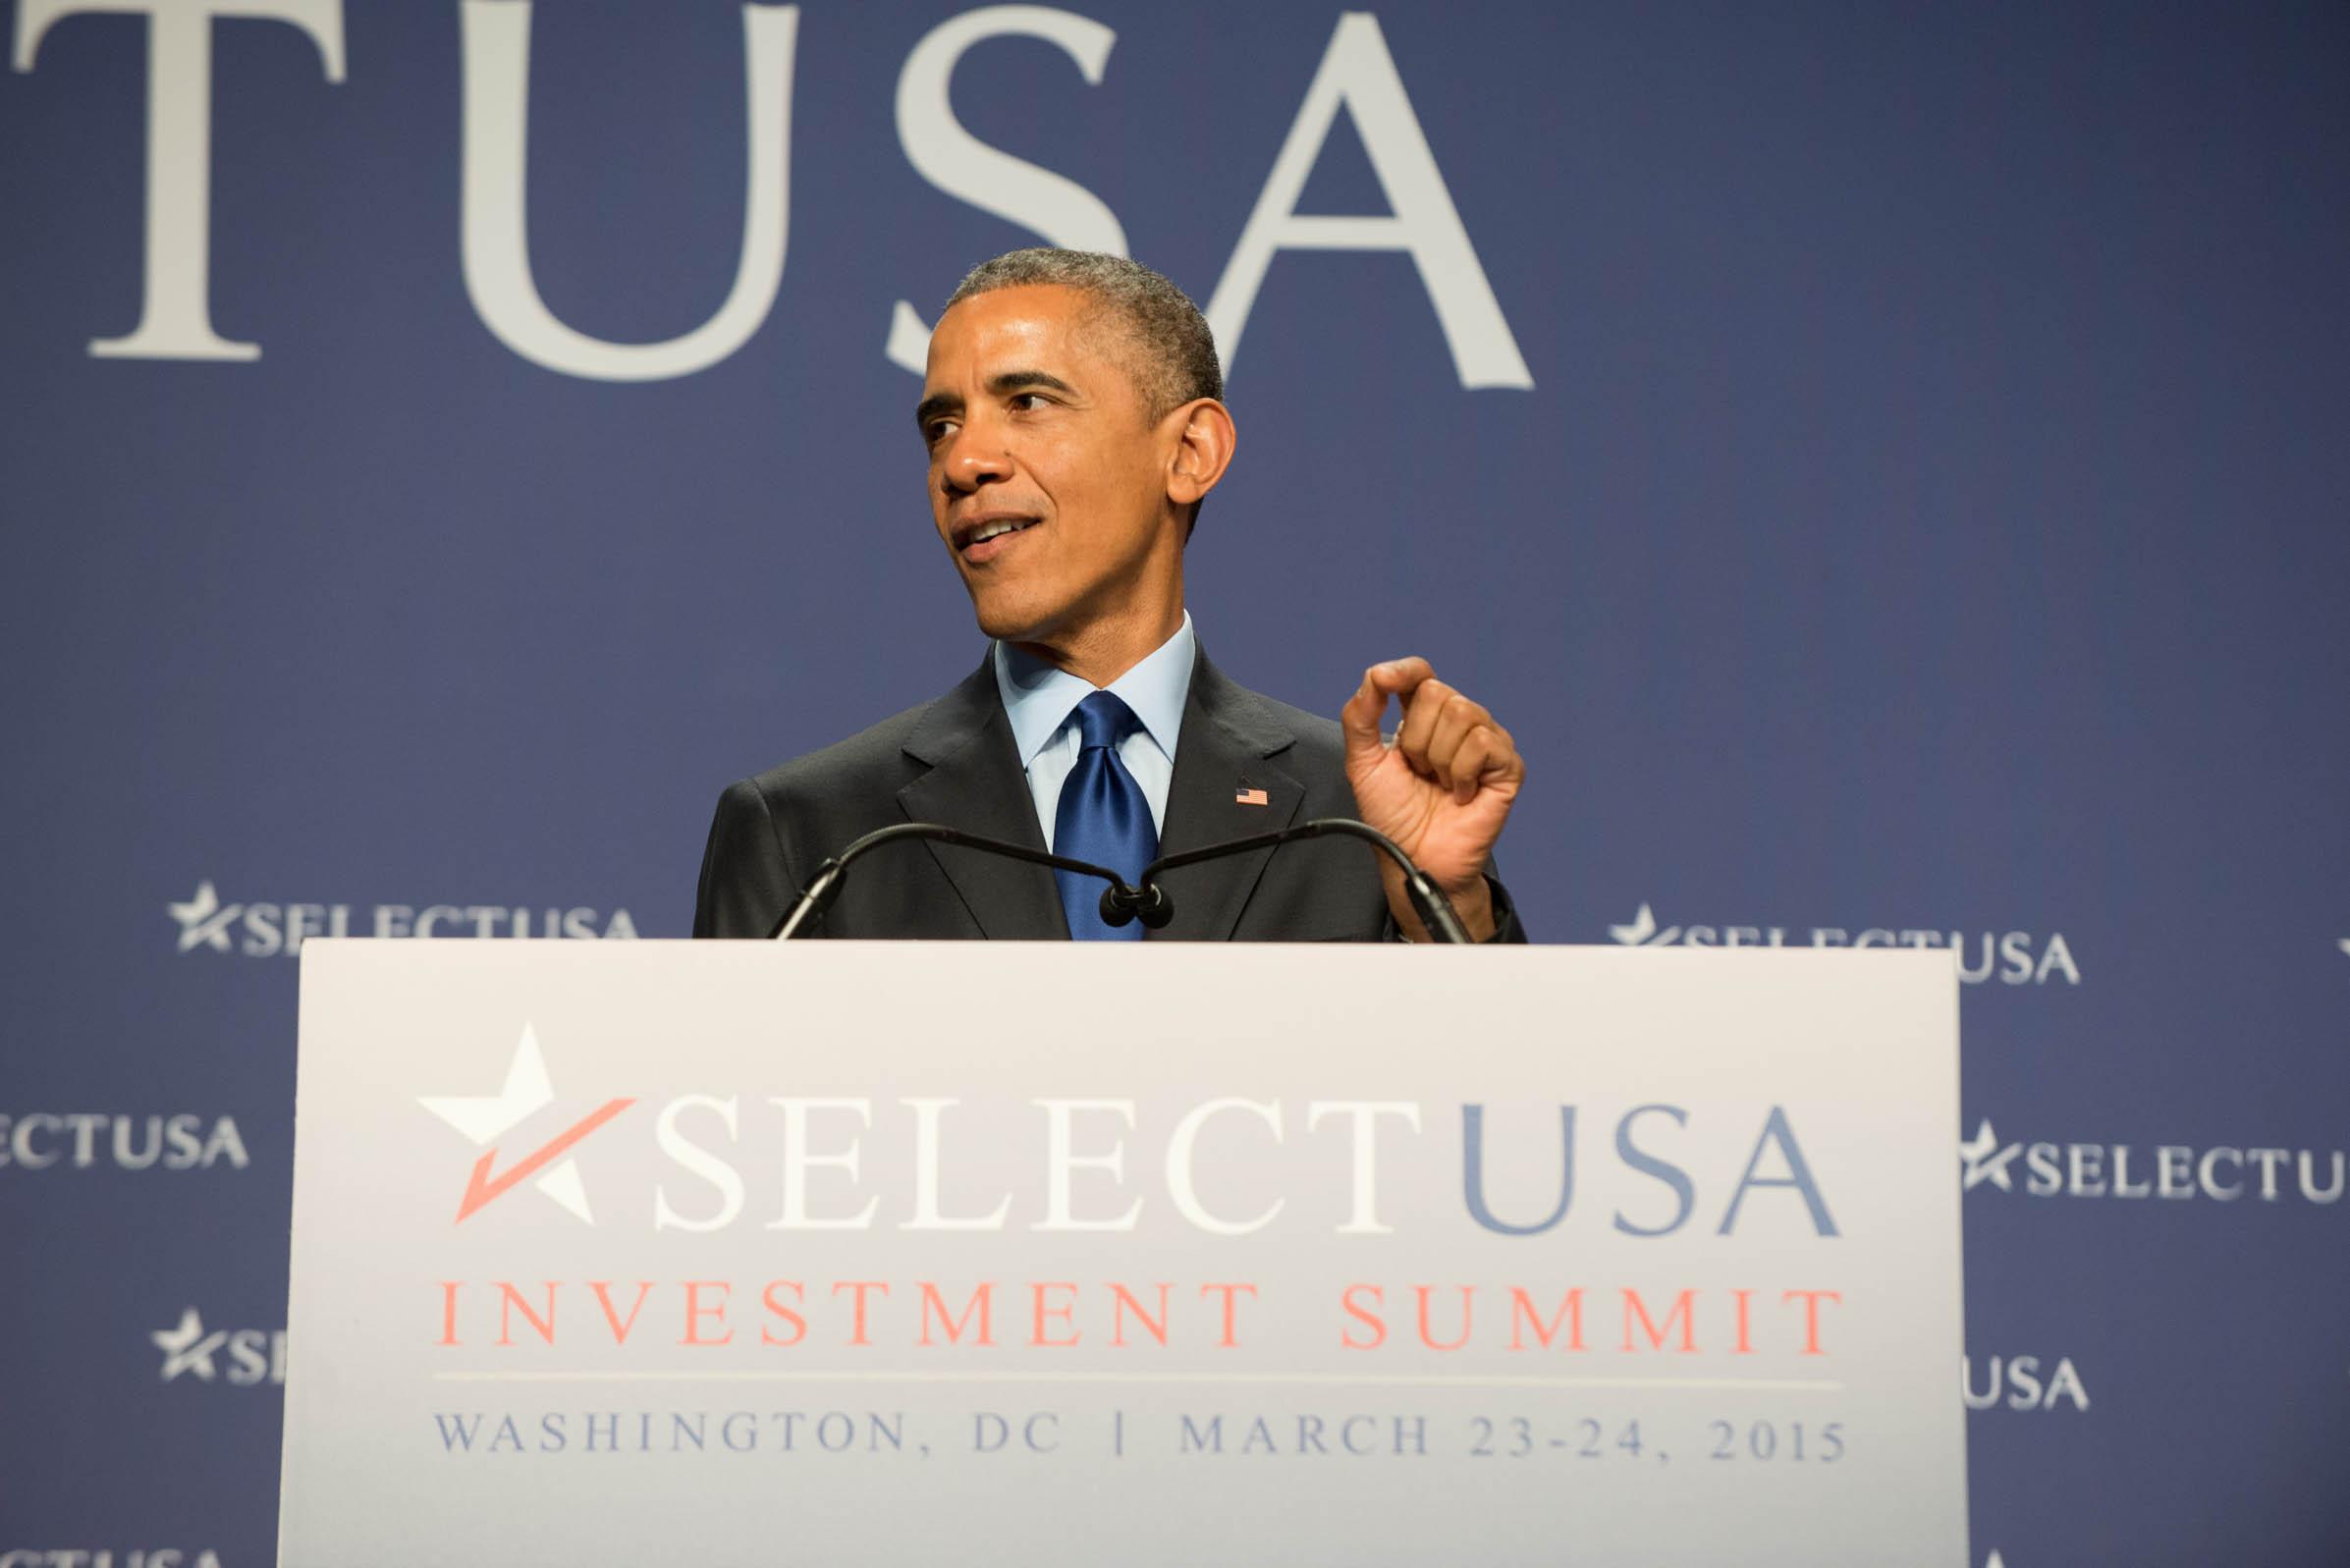 Tổng thống Mỹ phát biểu tại Hội nghị Lựa chọn Đầu tư vào Hoa Kỳ 2015